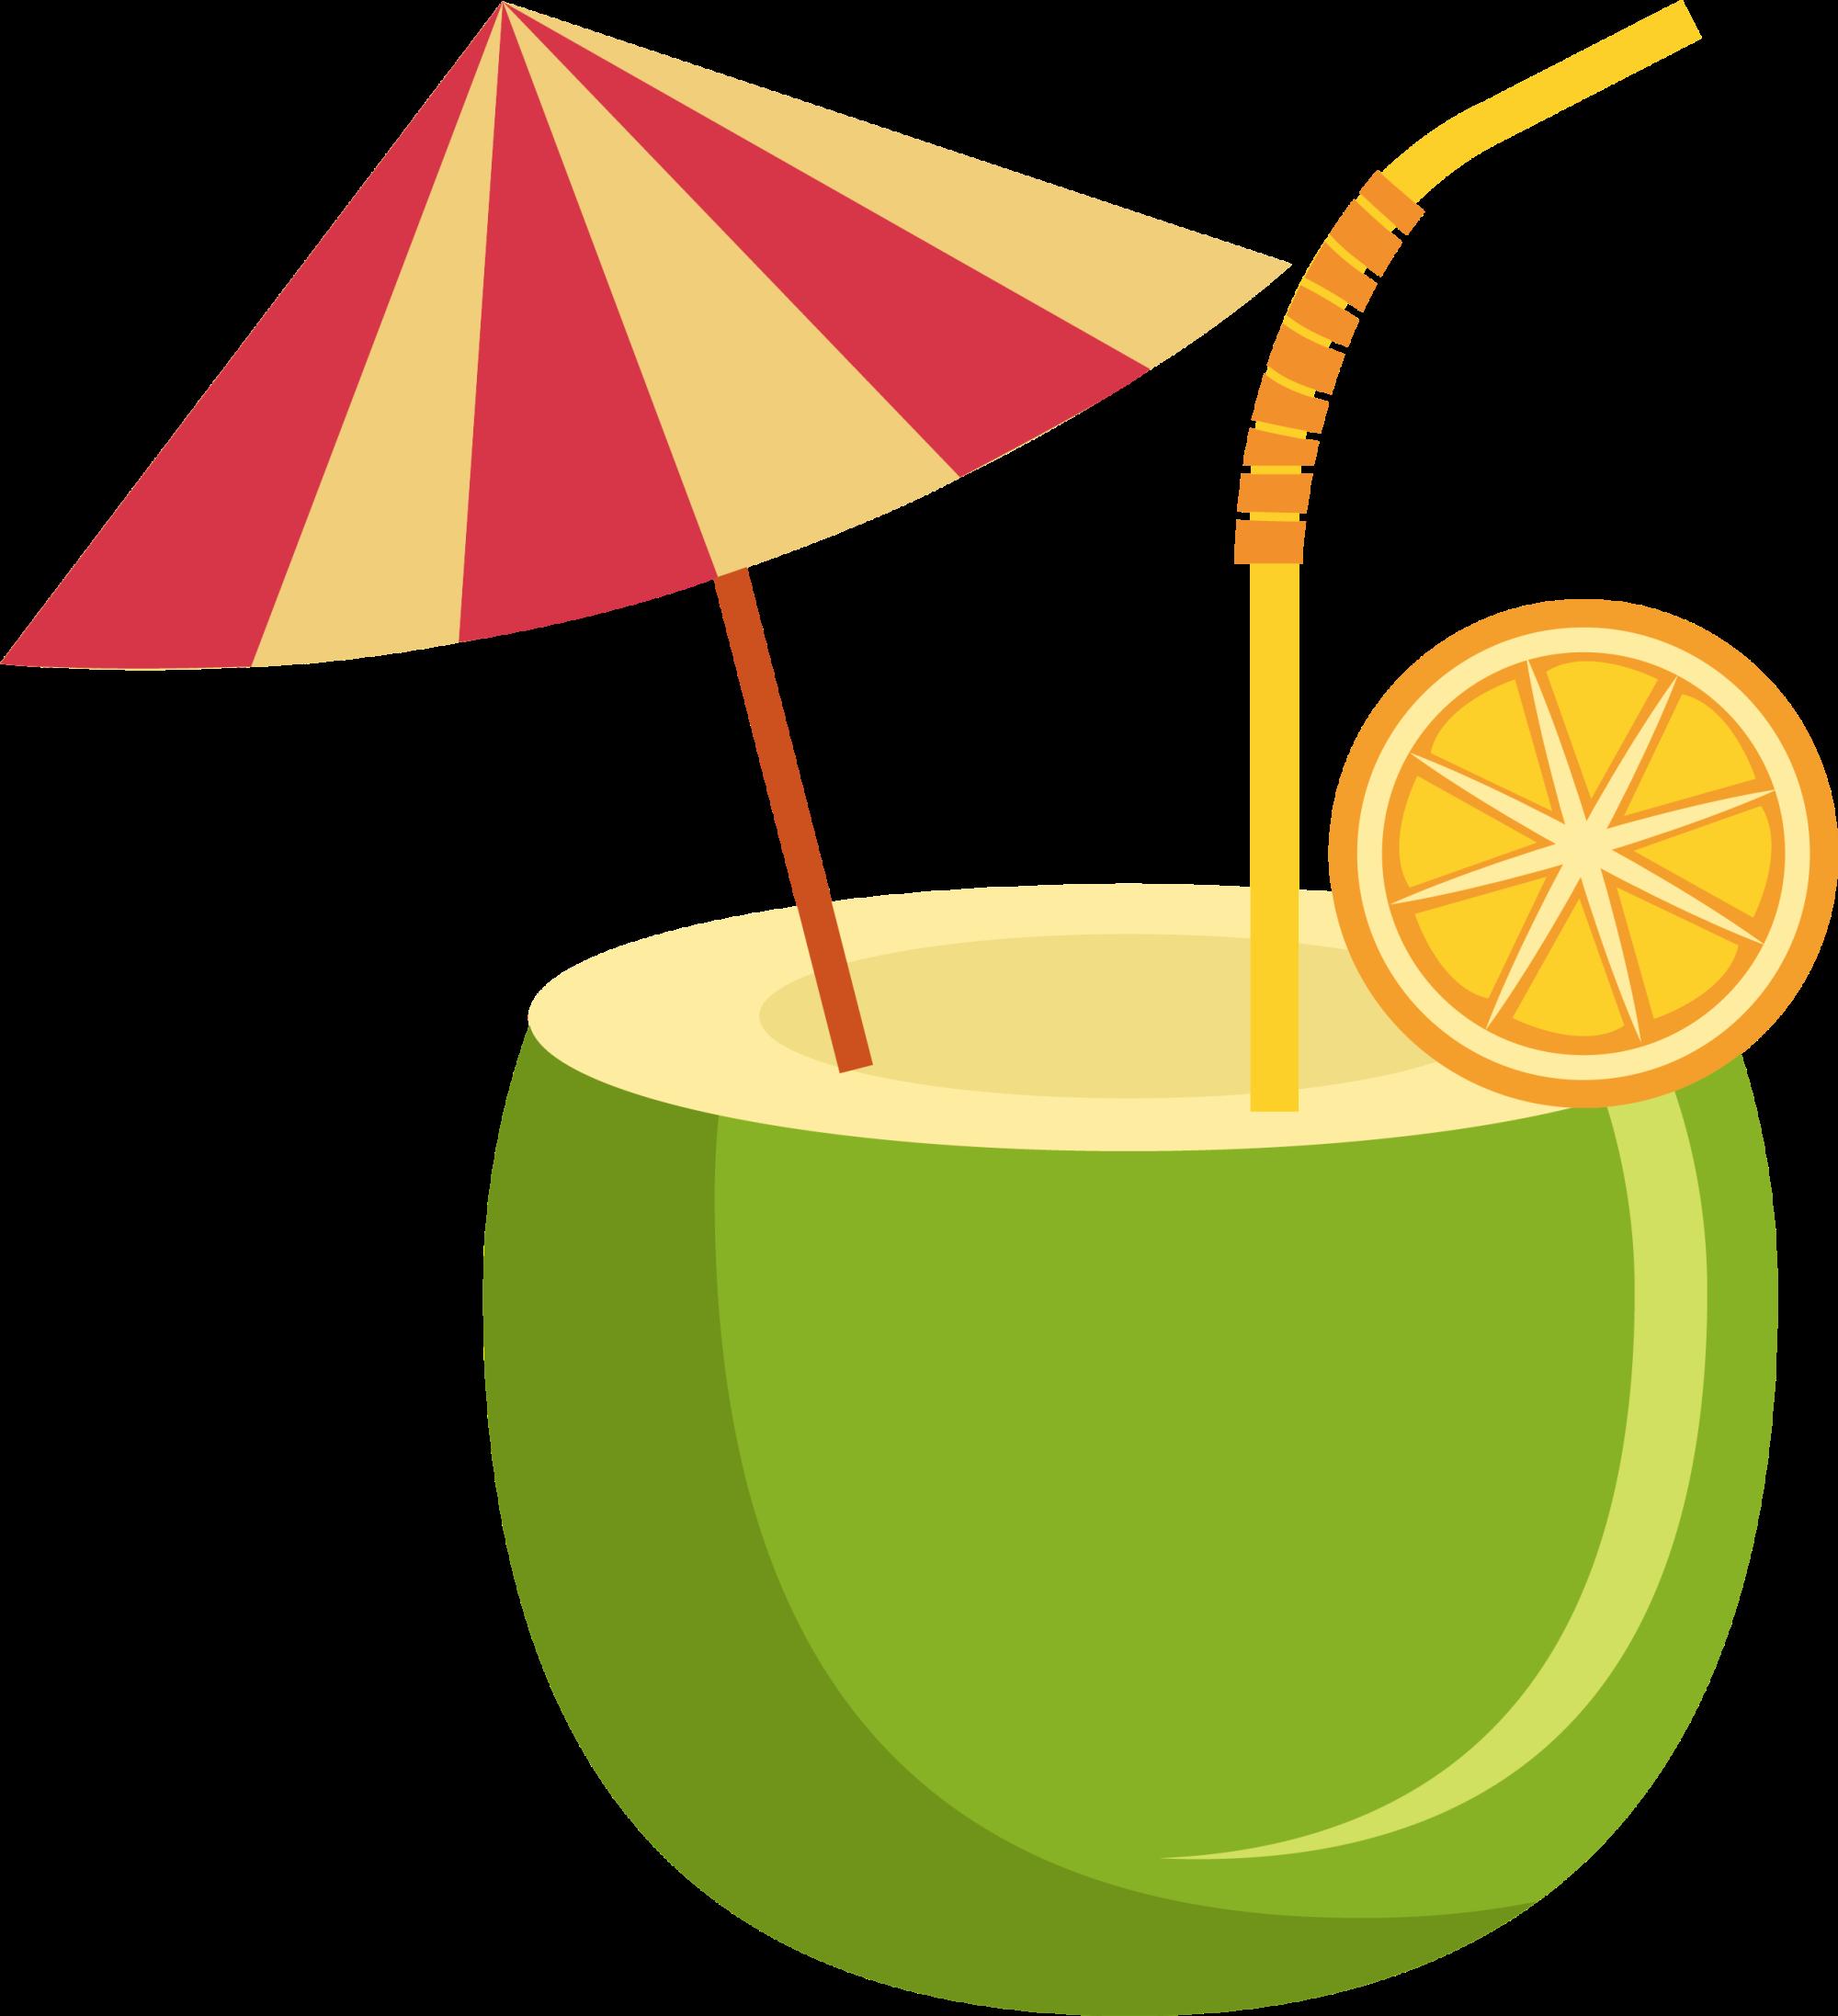 Juice clipart milk juice. Orange drink coconut water